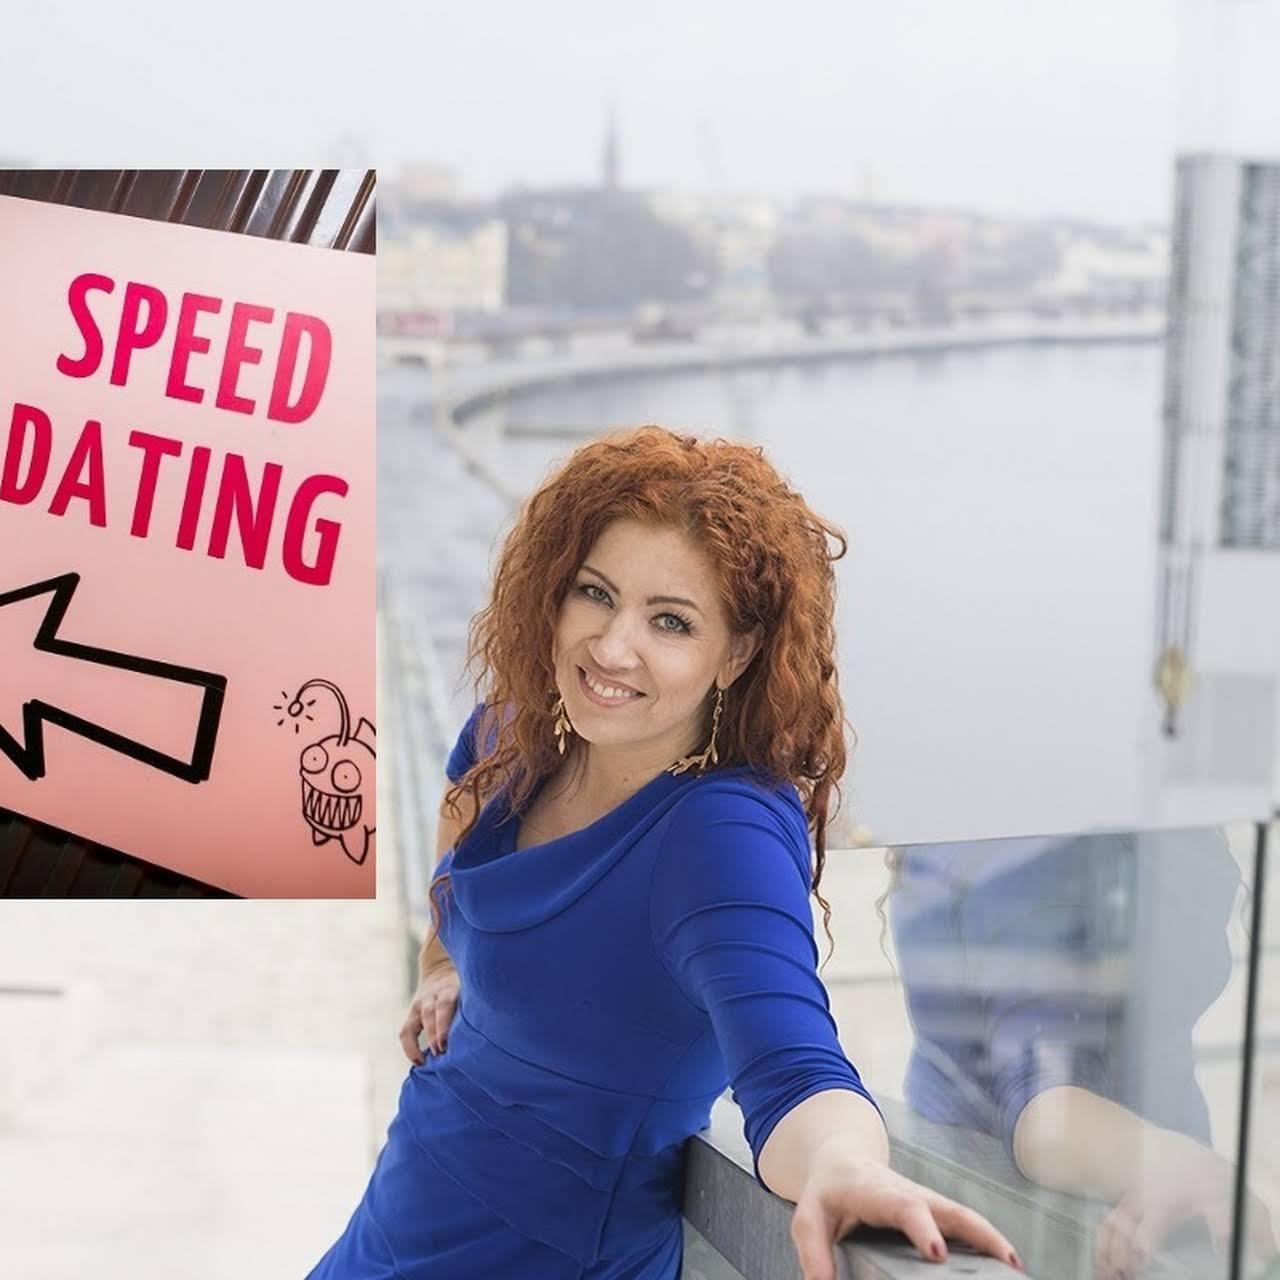 kahdentyyppisiä dating menetelmiä